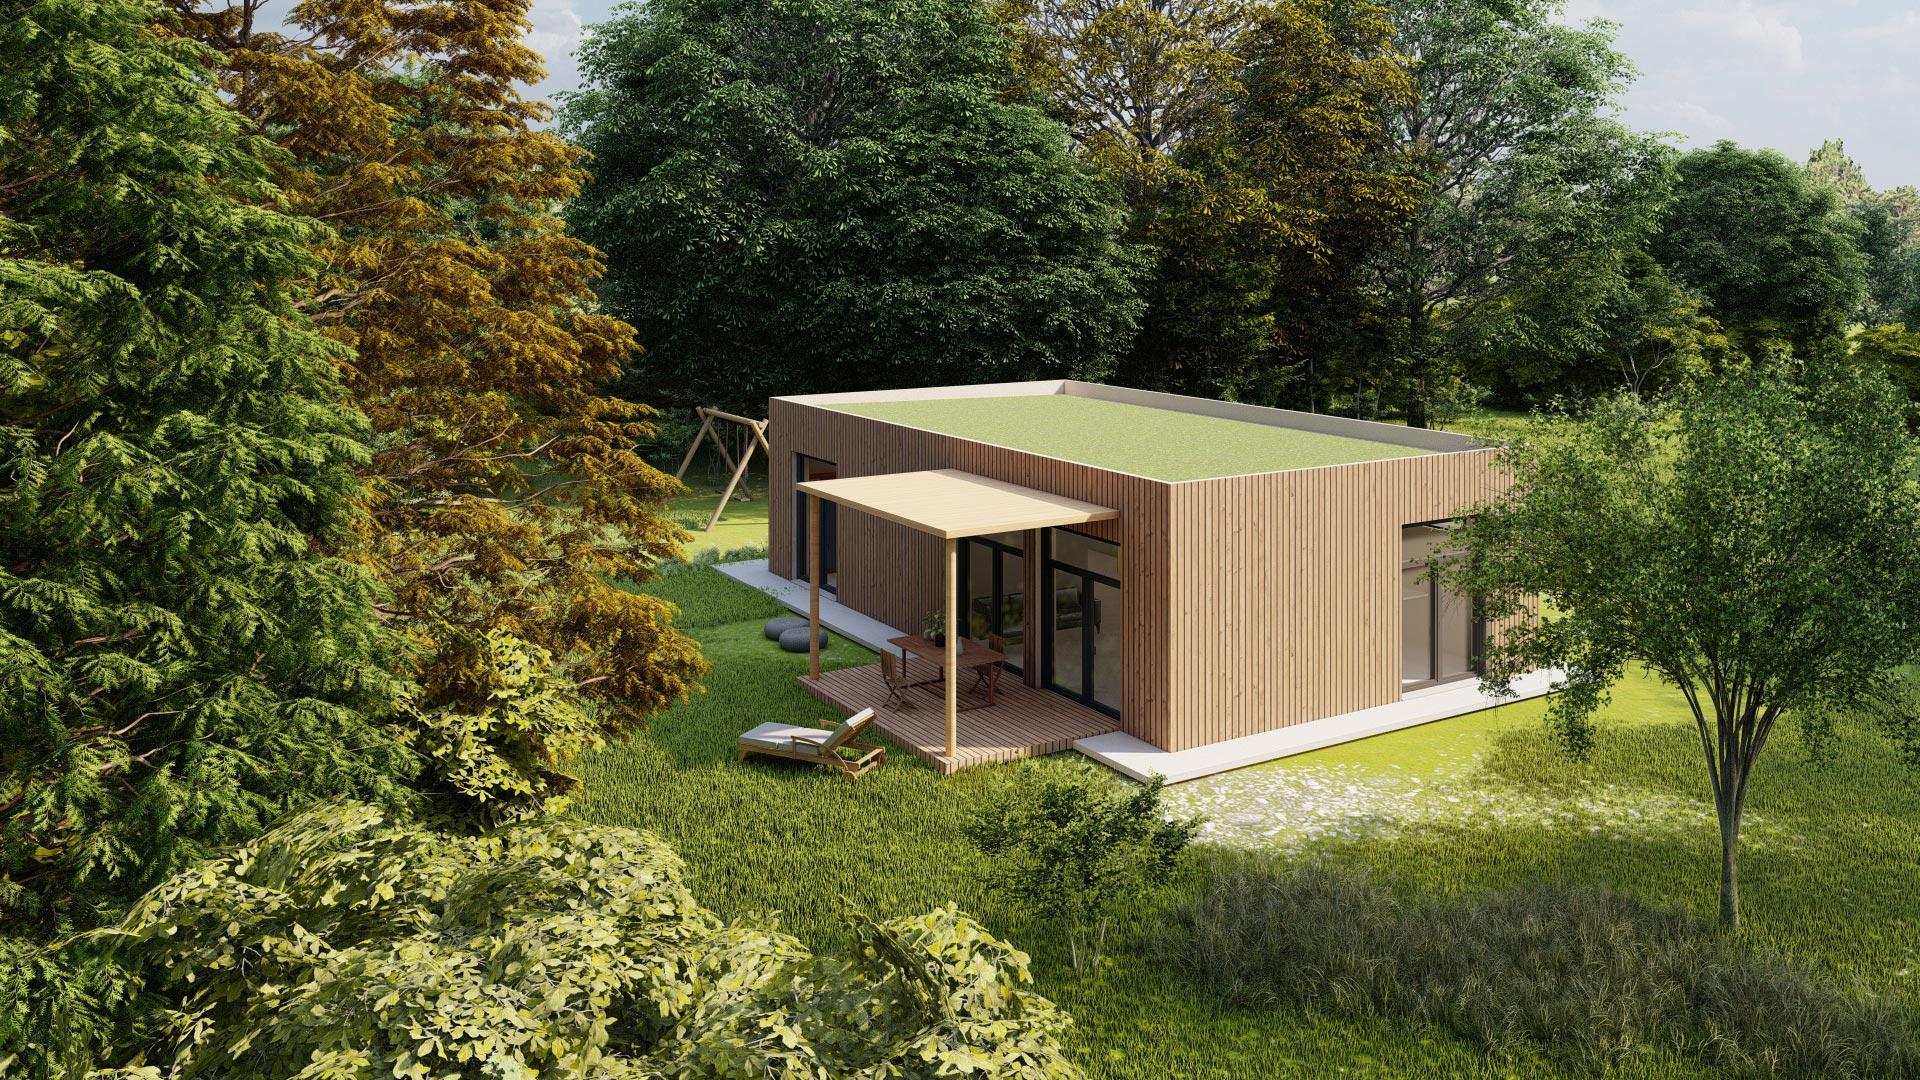 Das grüne Dorf | Oevermann Architekten